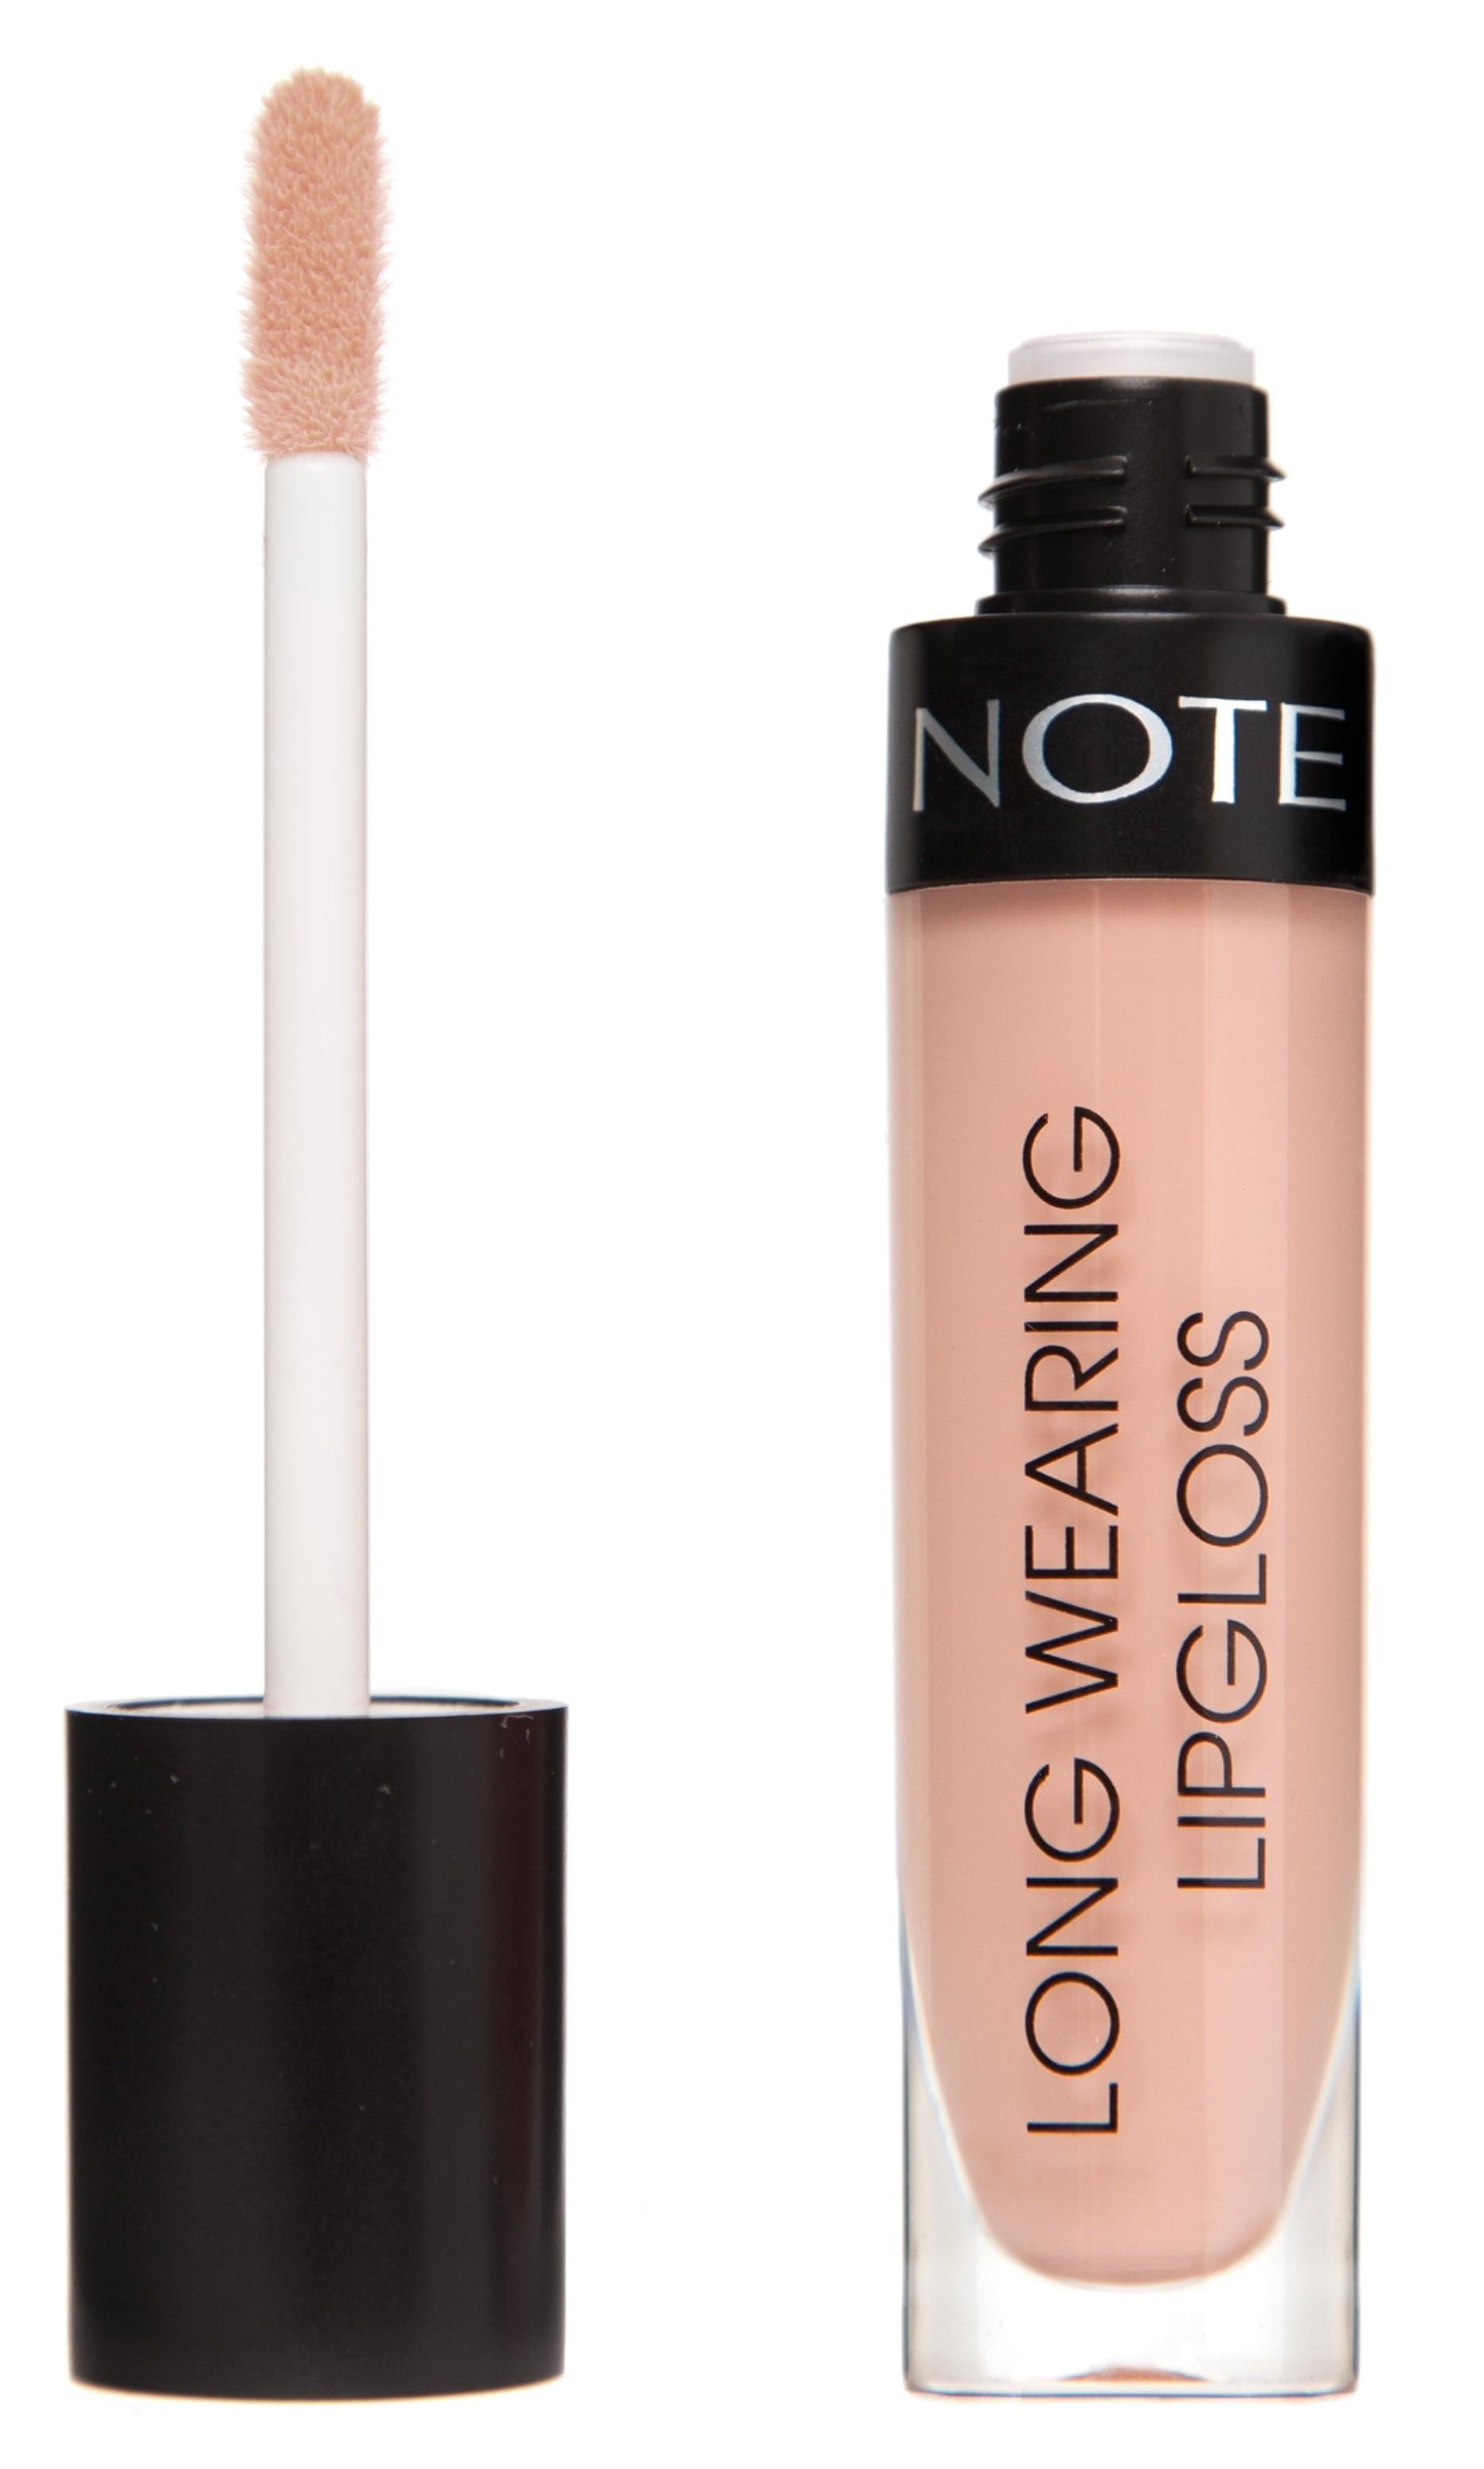 Купить NOTE Cosmetics Блеск стойкий для губ 01 / LONG WEARING LIPGLOSS 6 мл